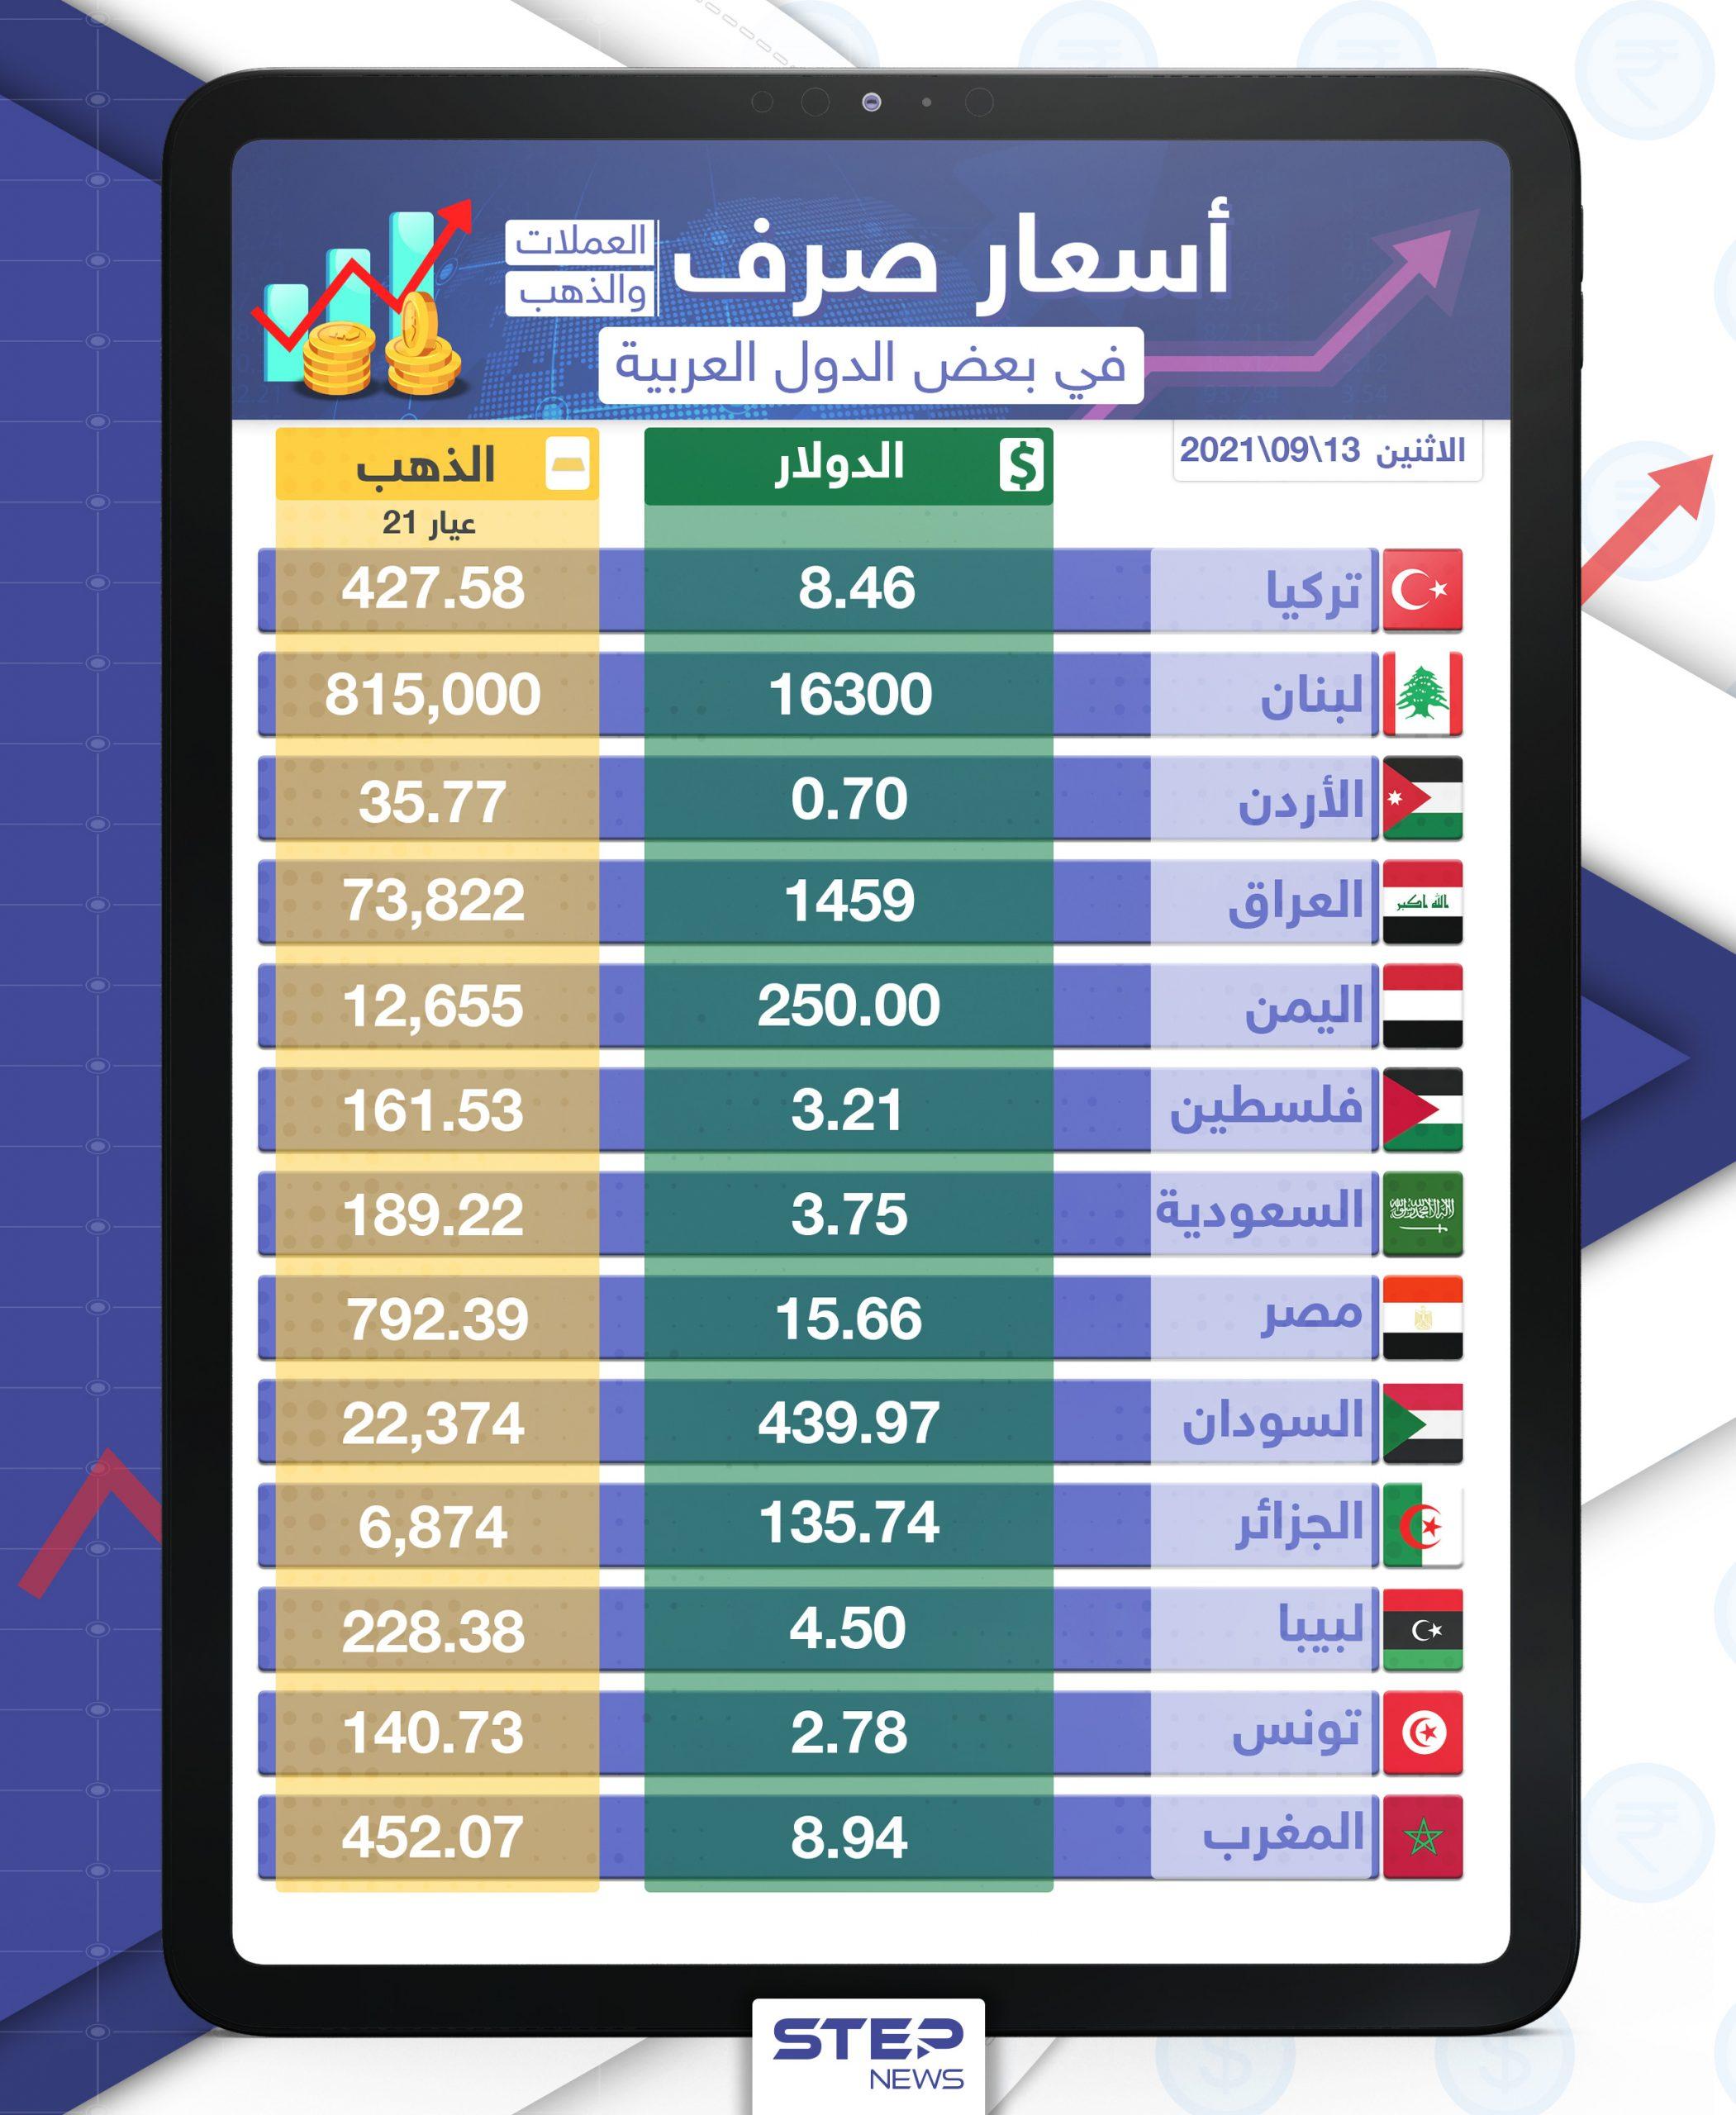 أسعار الذهب والعملات للدول العربية وتركيا اليوم الاثنين الموافق 13 أيلول 2021